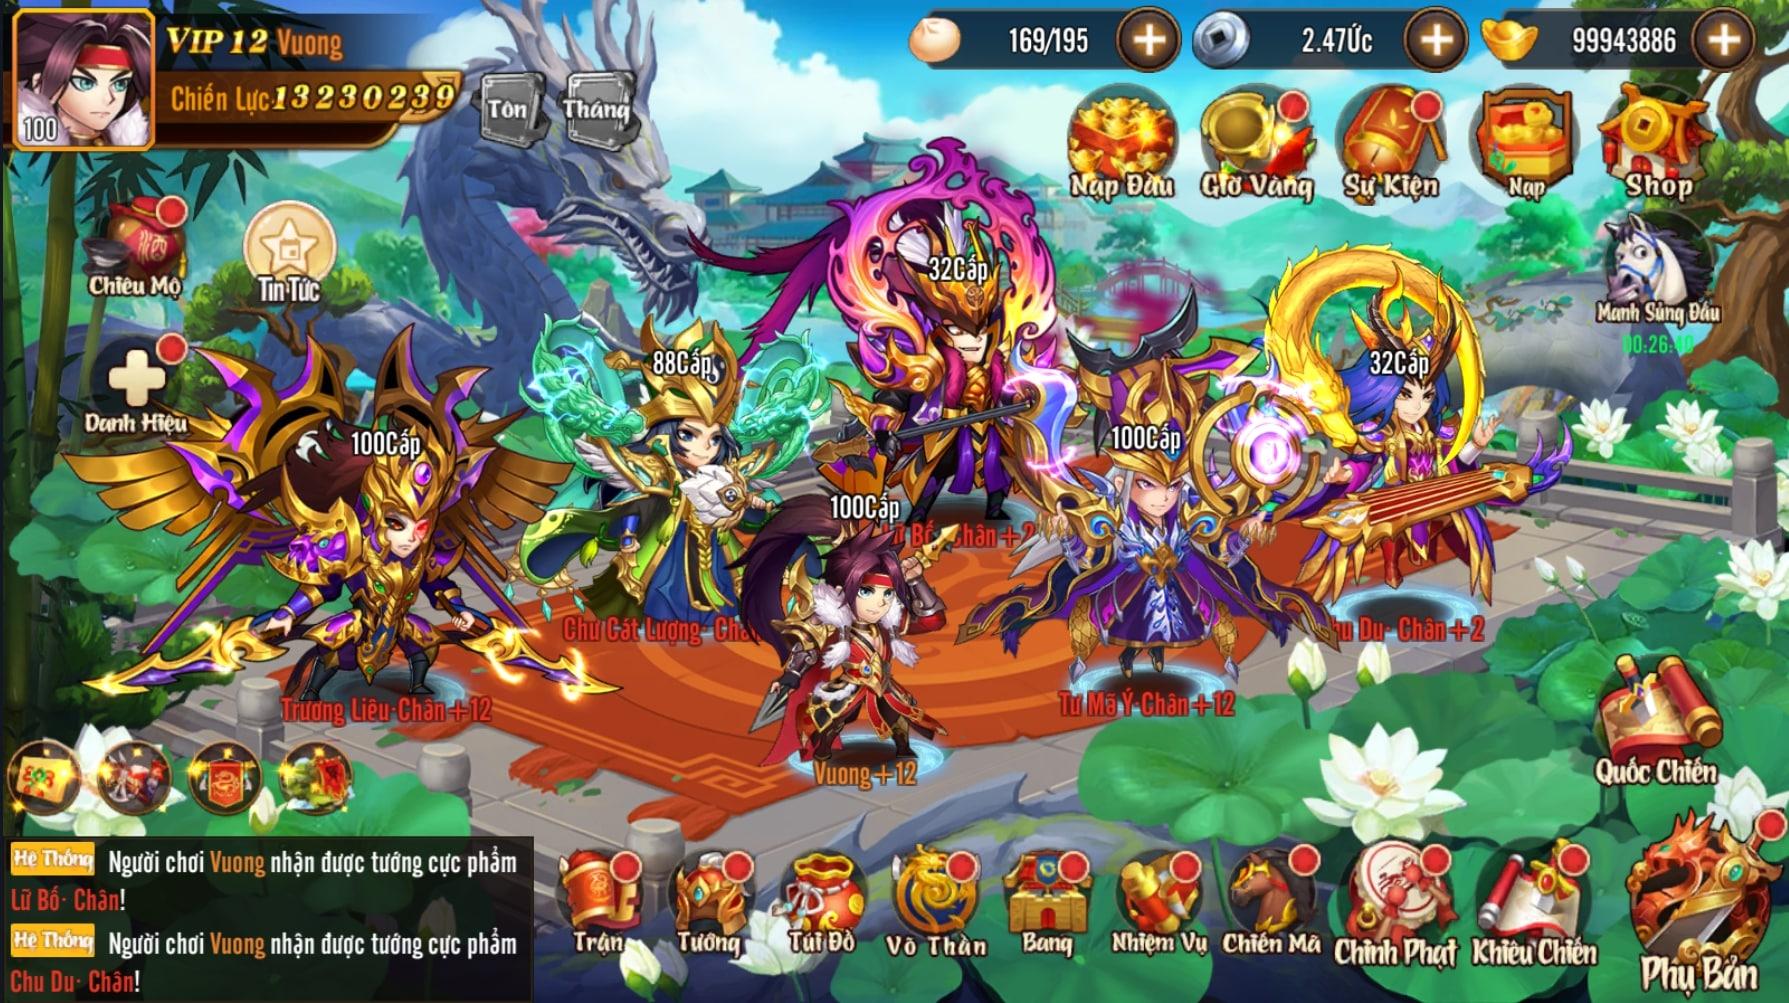 Game mobile Võ Thần Tam Quốc có lối chơi vô cùng